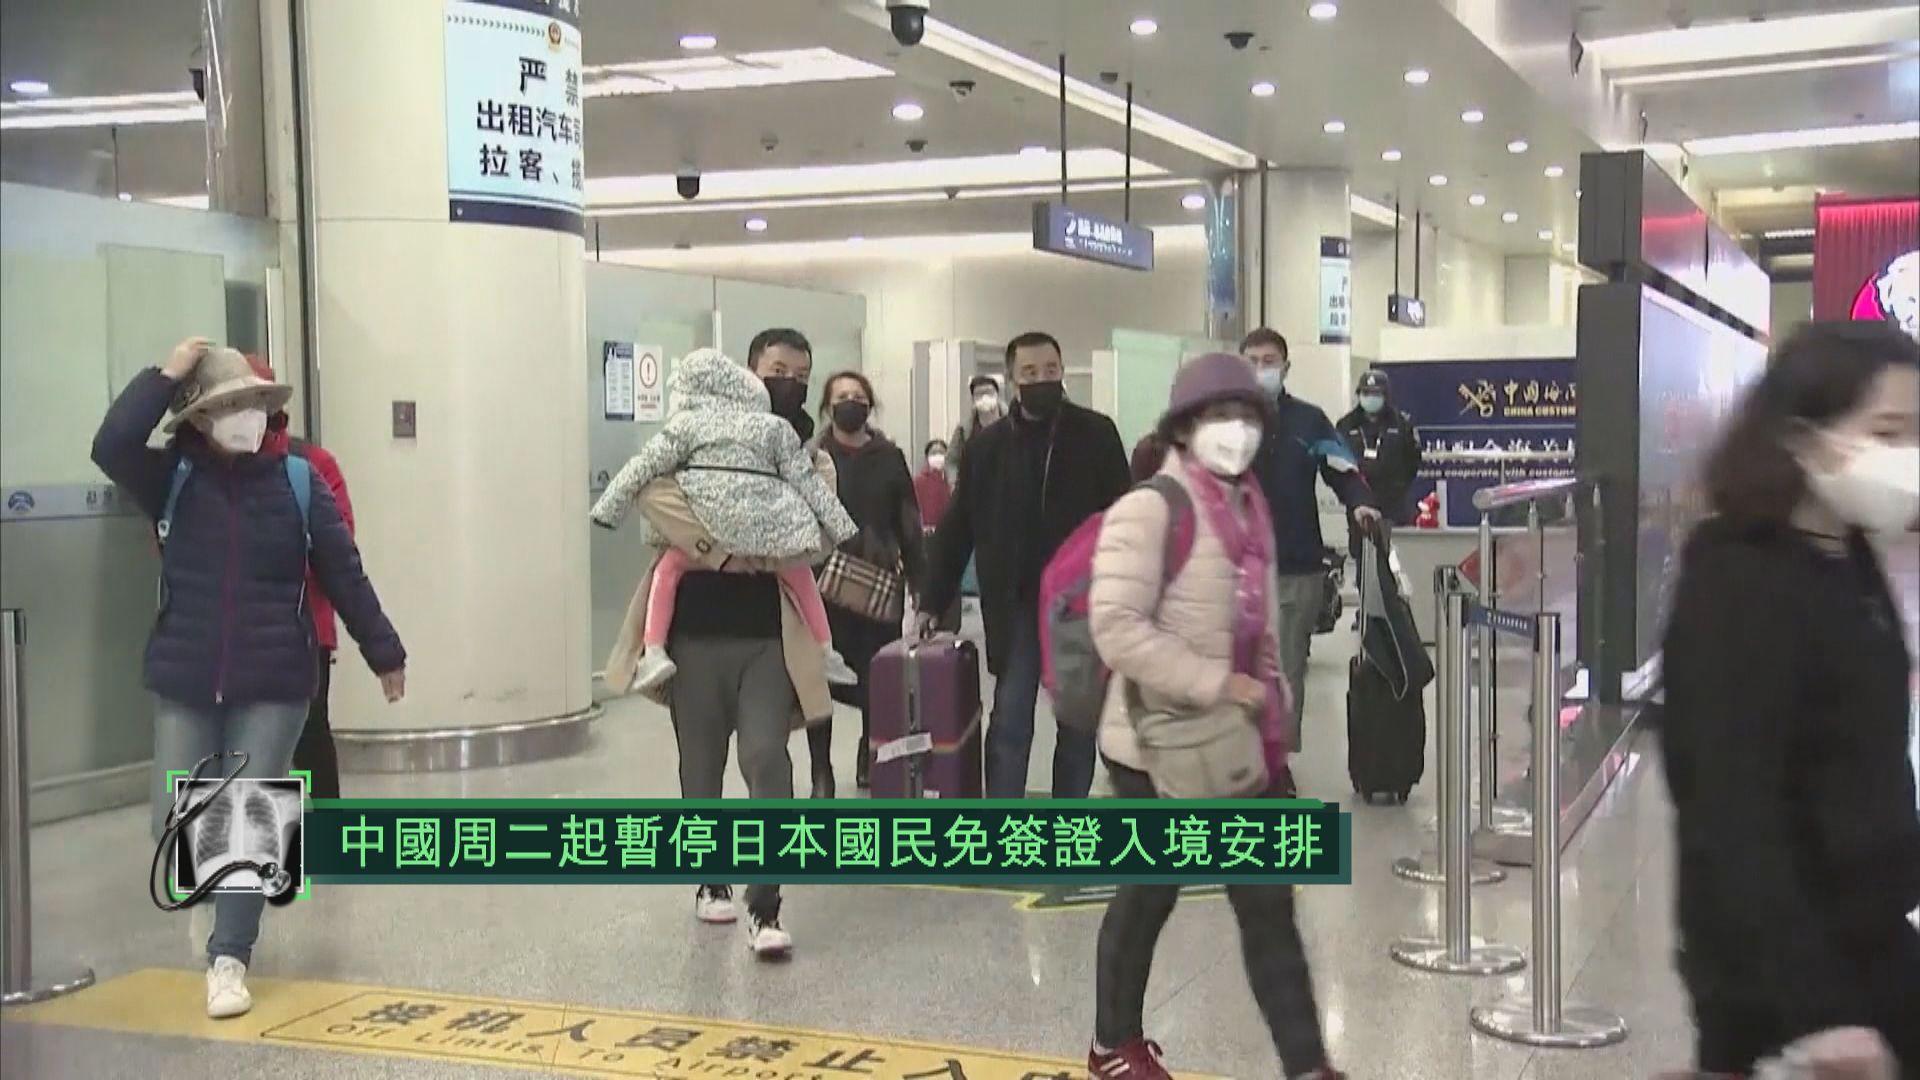 中國周二起暫停日本國民免簽證入境安排